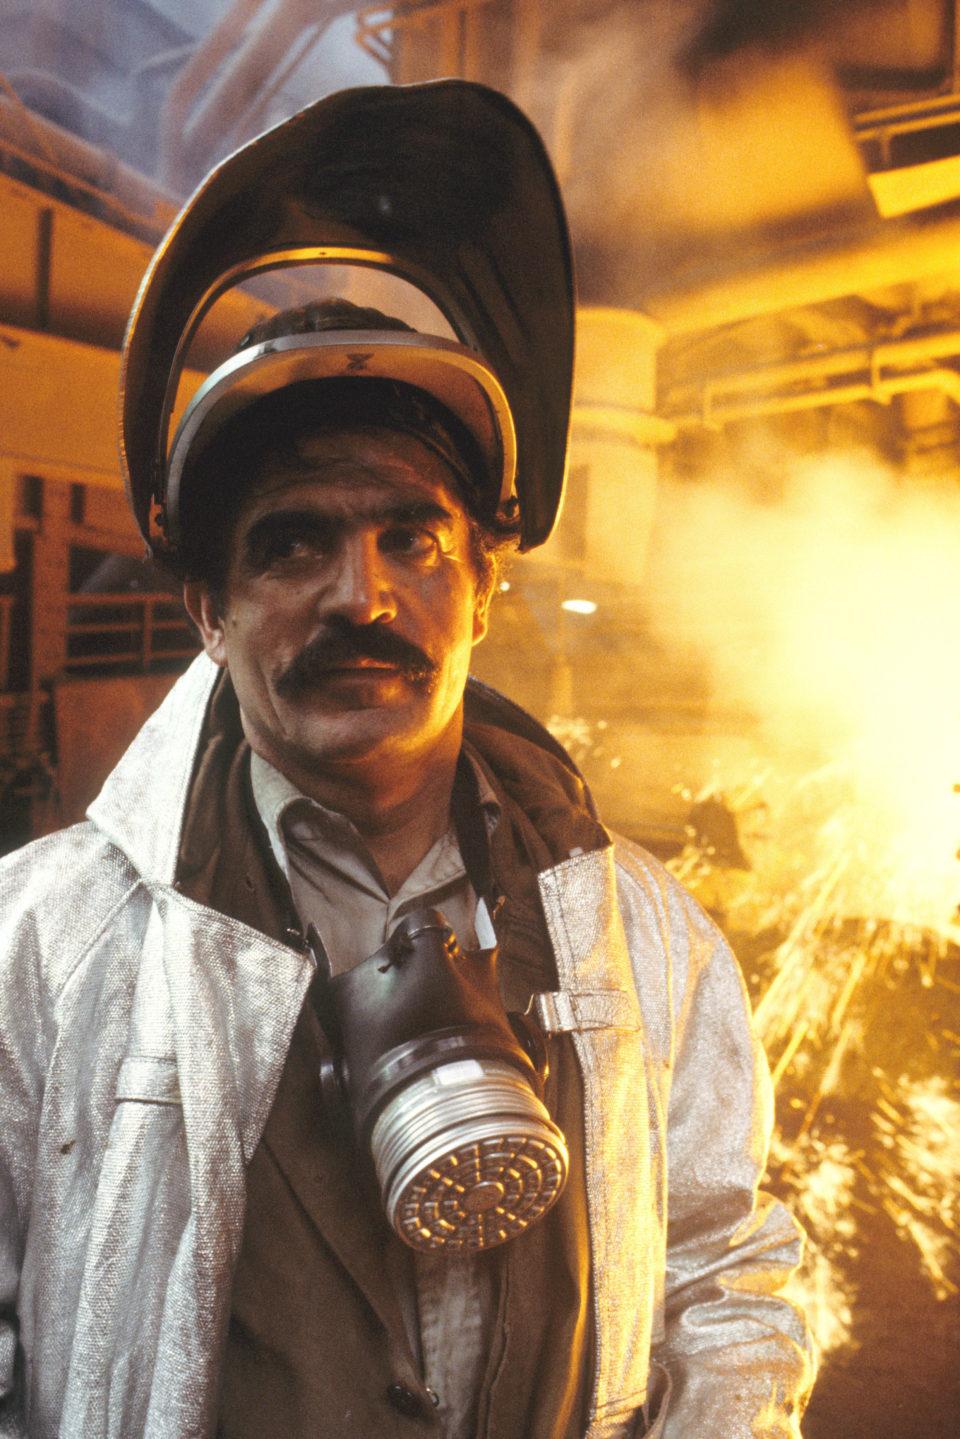 Ein türkischer Stahlarbeiter am Hochofen bei ThyssenKrupp, Duisburg